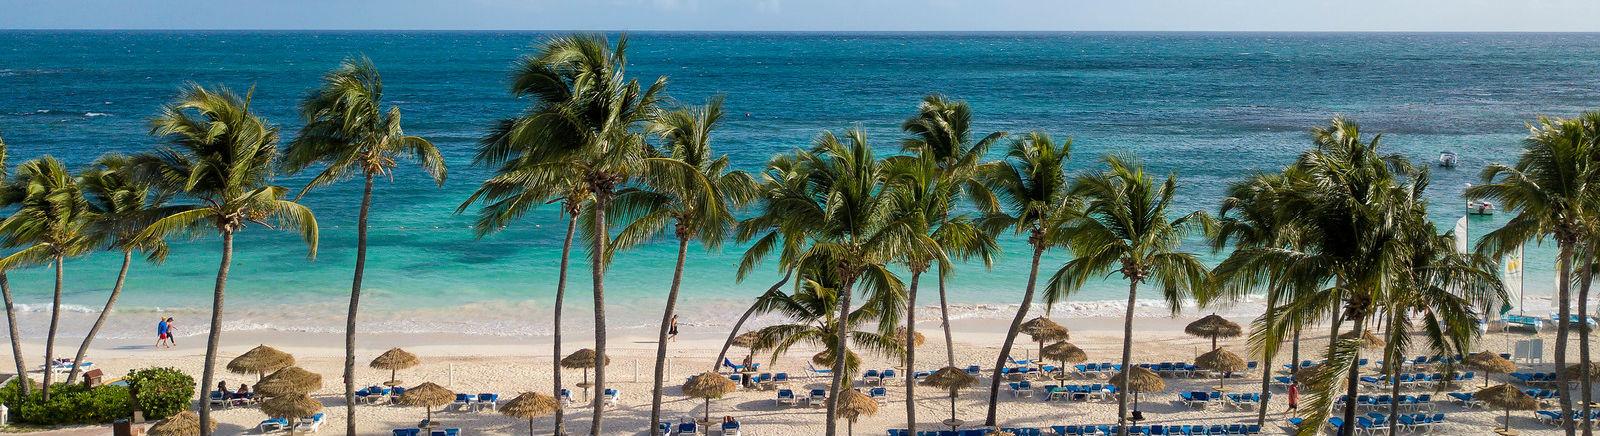 Main beach - Pineapple Beach Club, Antigua